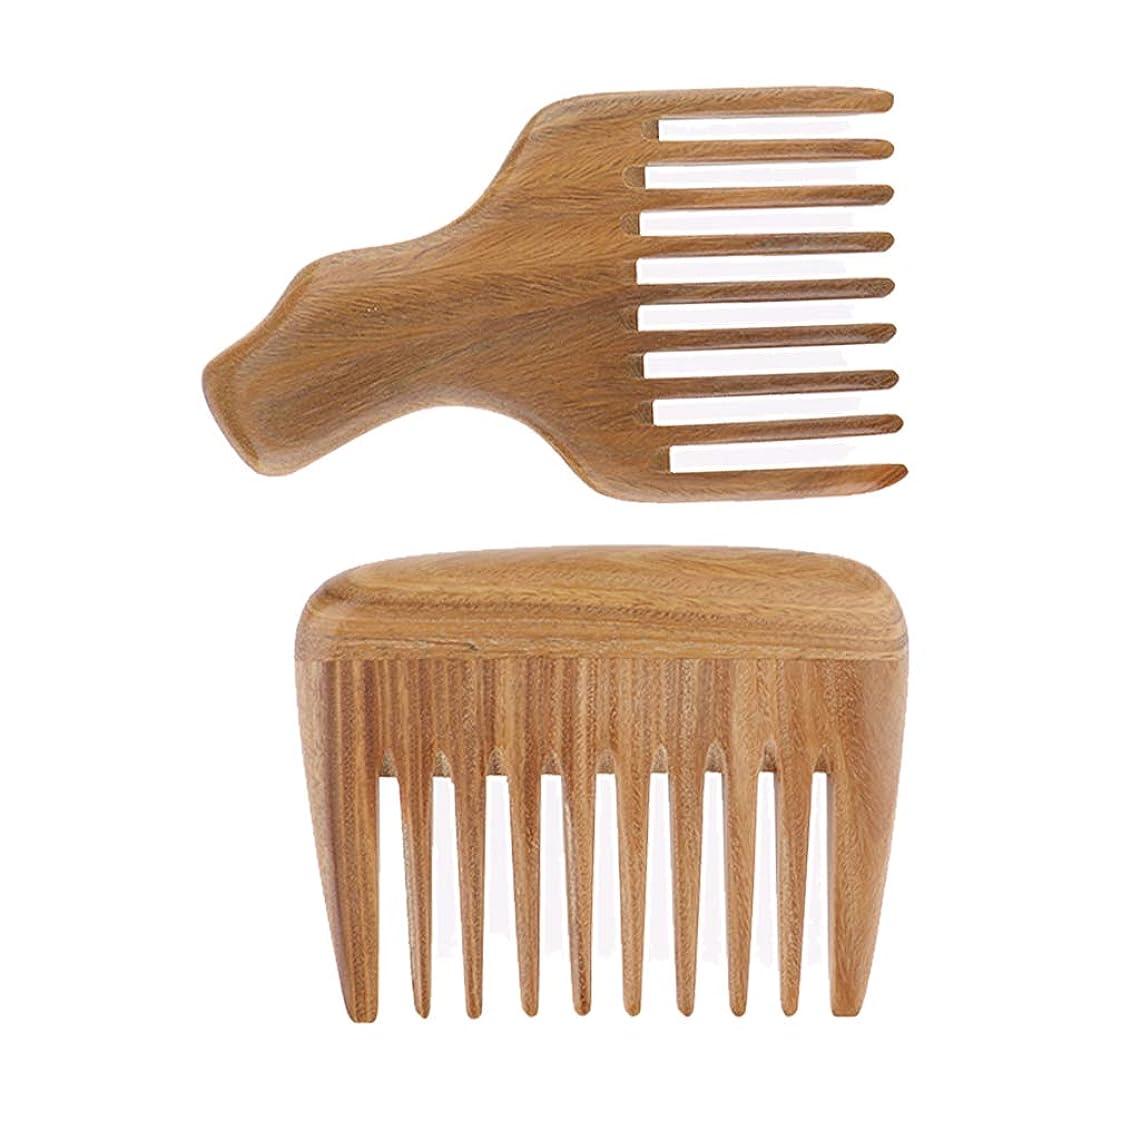 番号後者魅惑的なヘアブラシ ヘアダイコーム 櫛 ヘアコーム 木製コーム 粗い 頭皮マッサージ ツール 2個入り